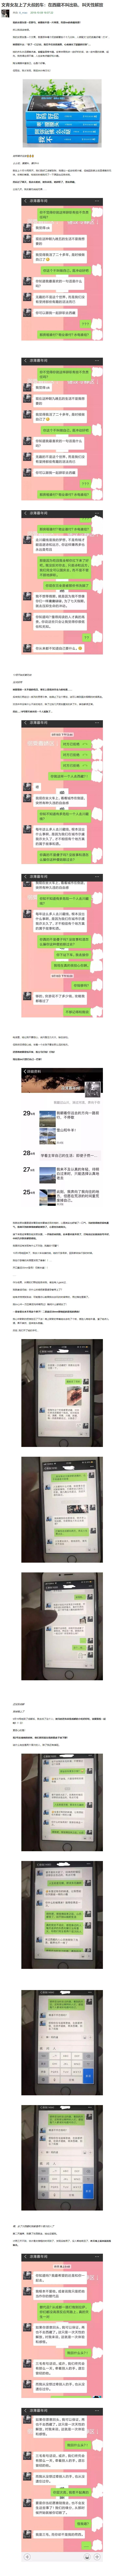 文青女友上了大叔的车:在西藏不叫出轨,叫天性解放。 趣事儿 第2张